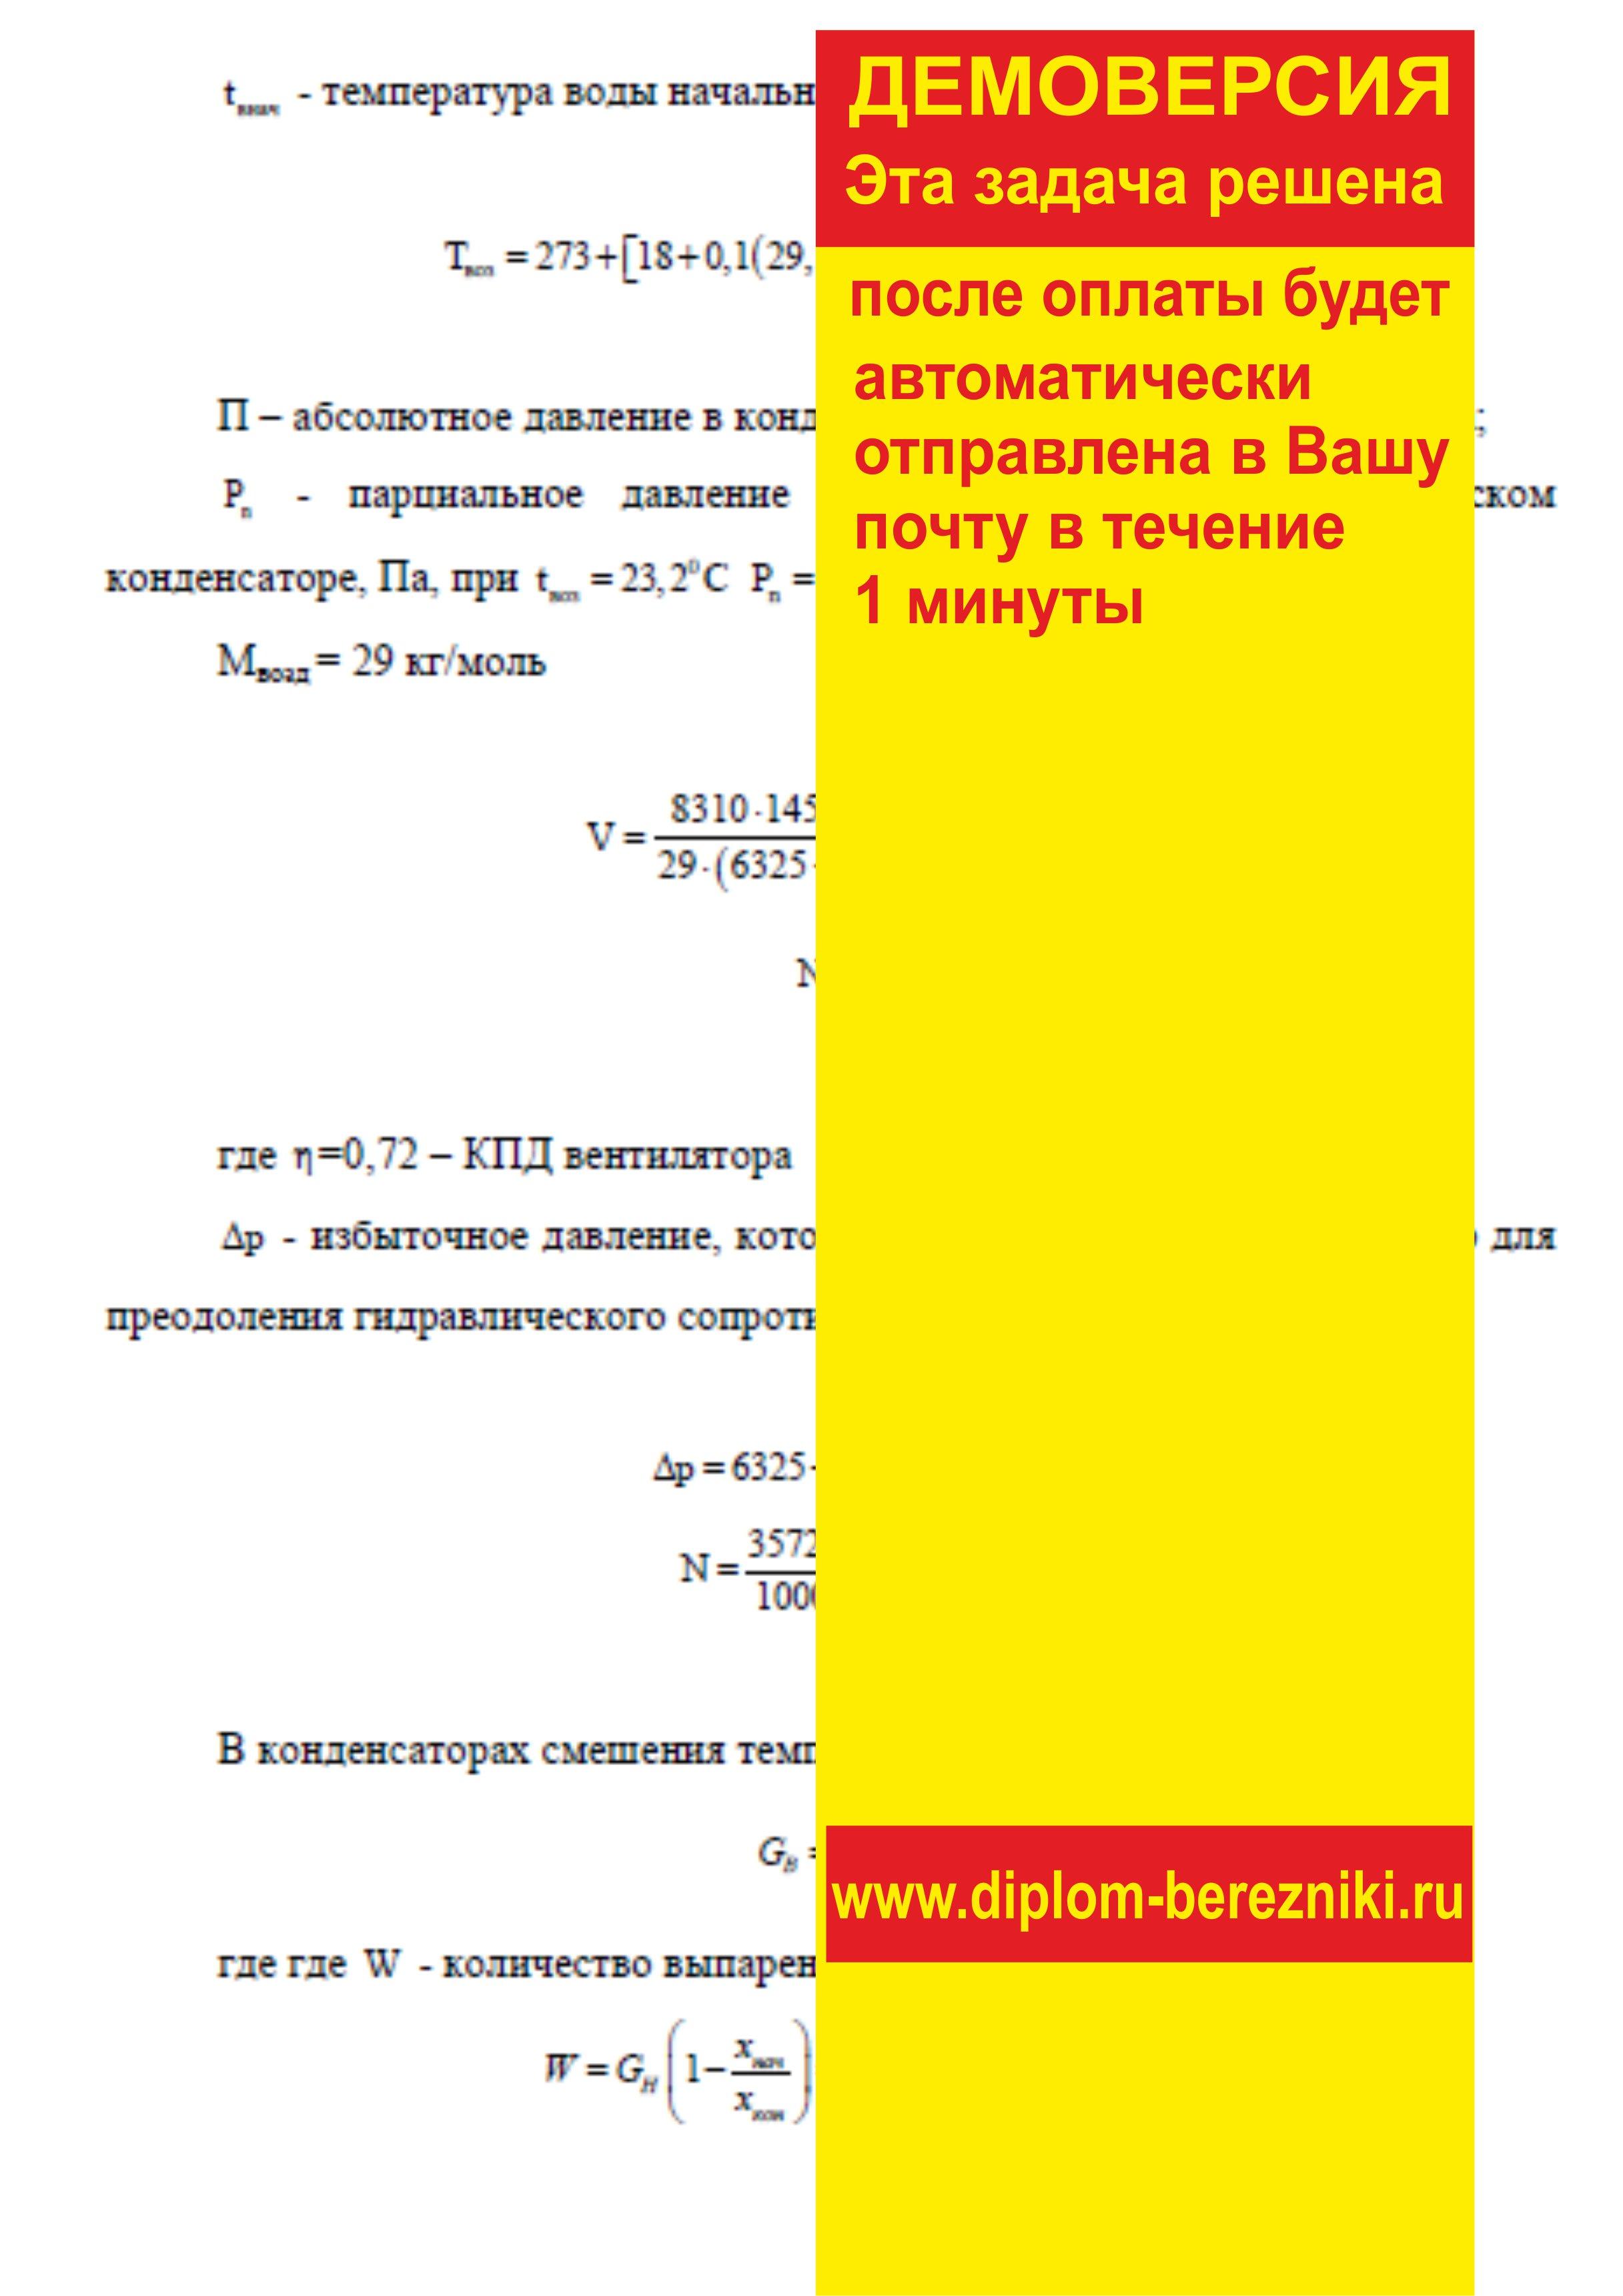 Решение задачи 5.12 по ПАХТ из задачника Павлова Романкова Носкова